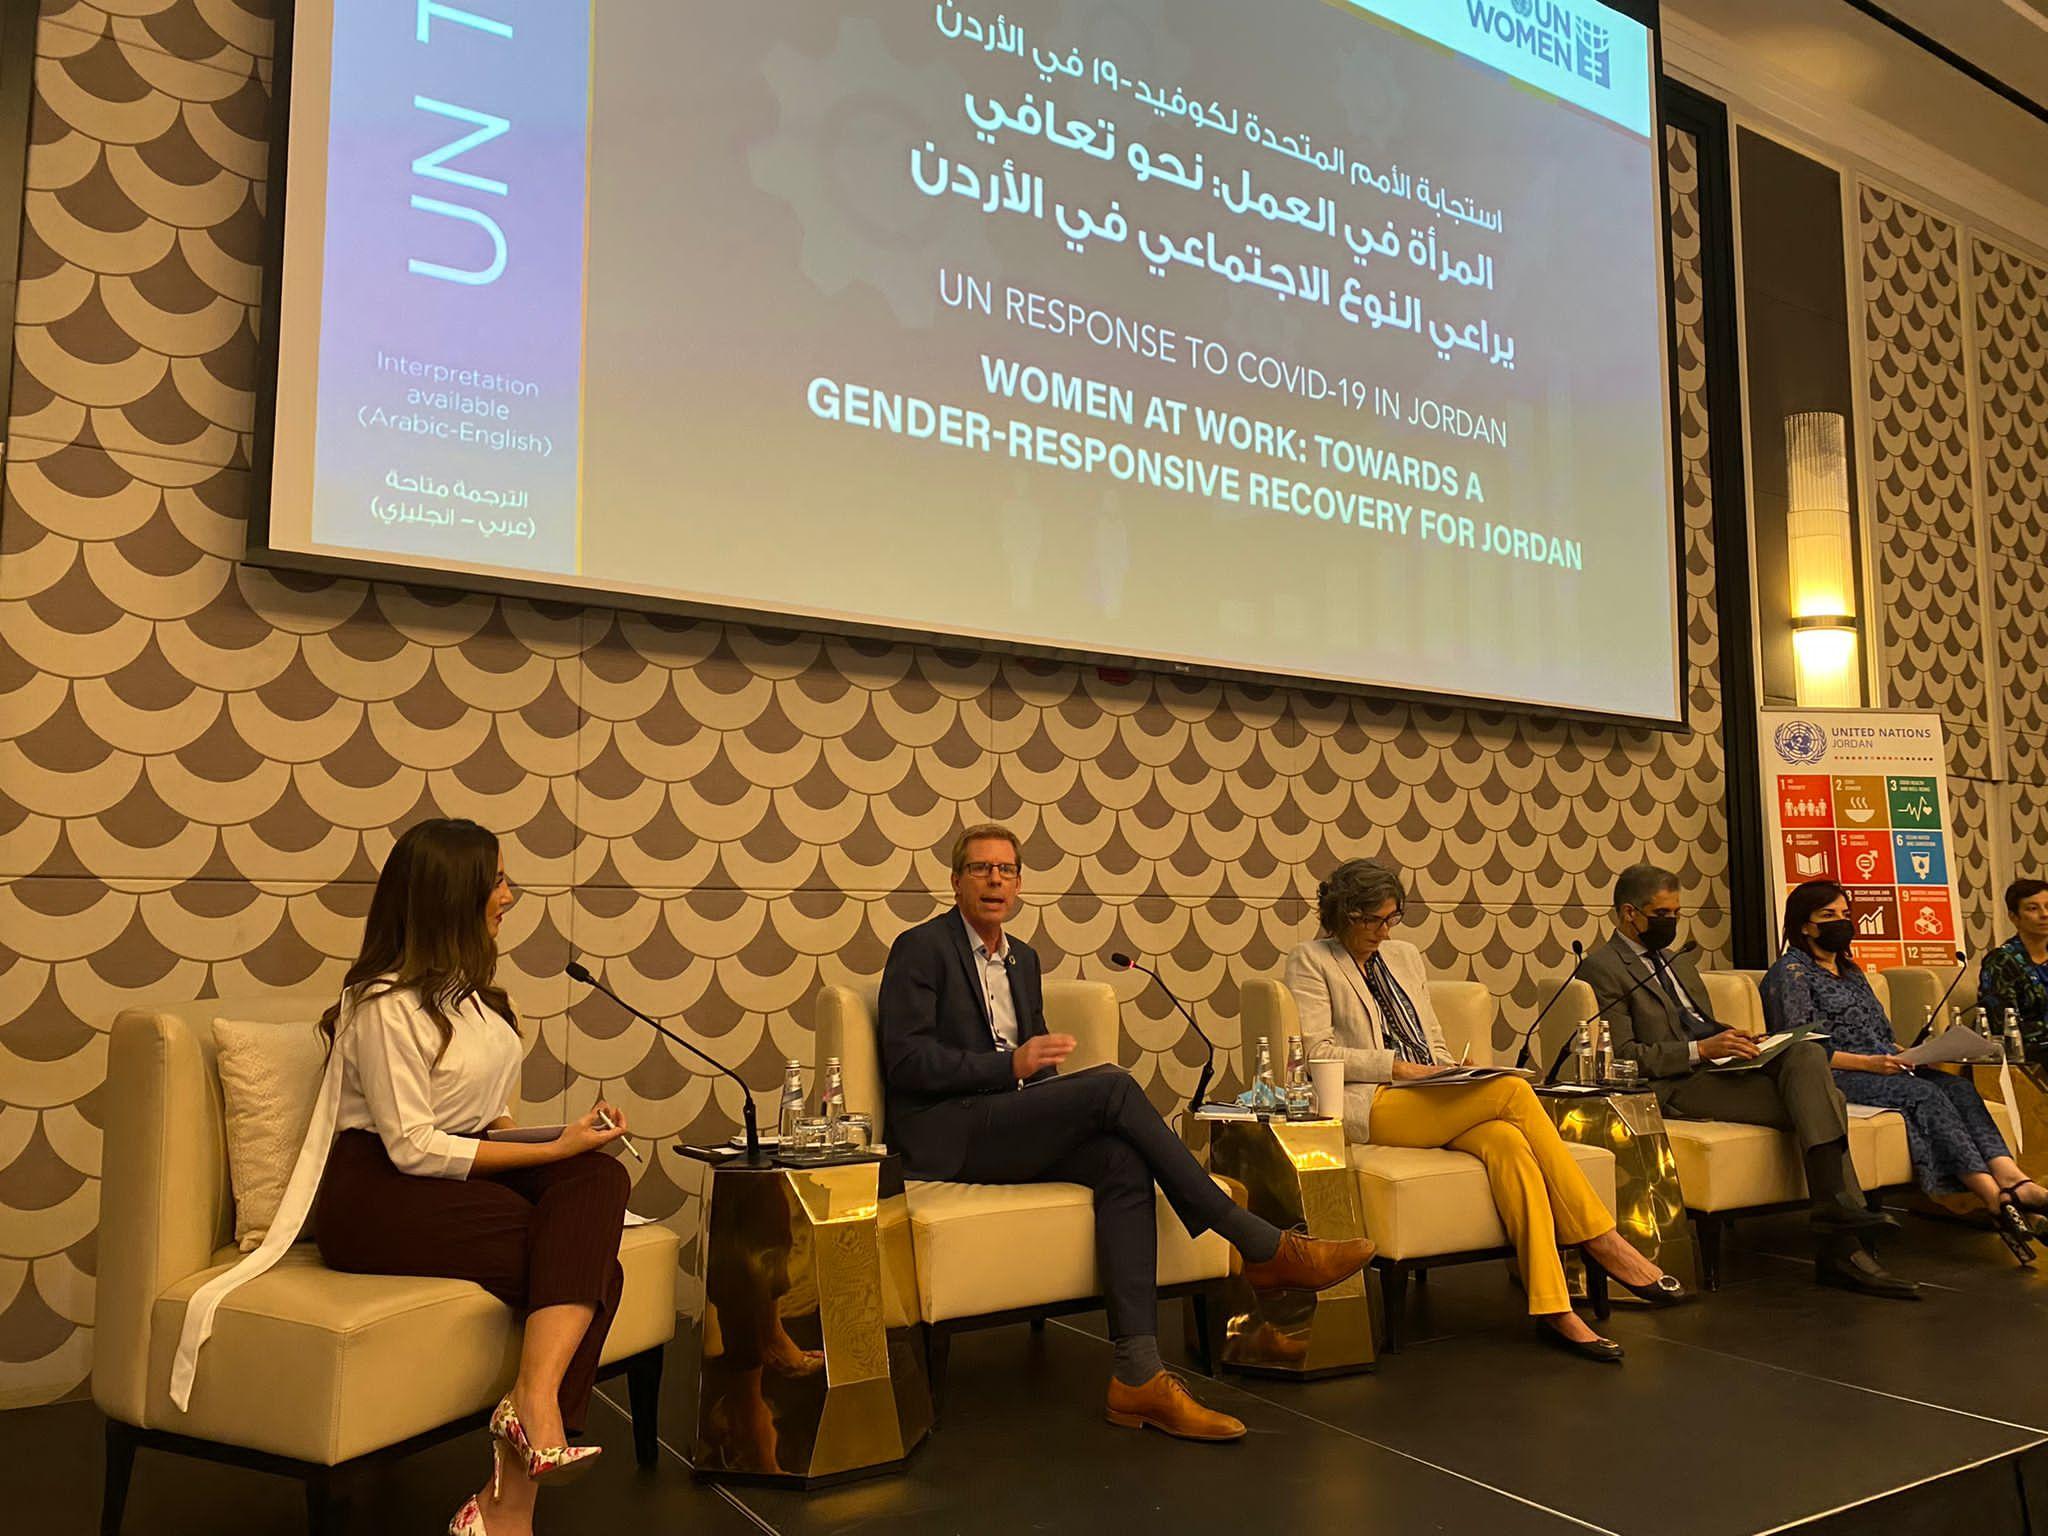 الأمم المتحدة تنظم حوارا بعنوان المرأة في العمل